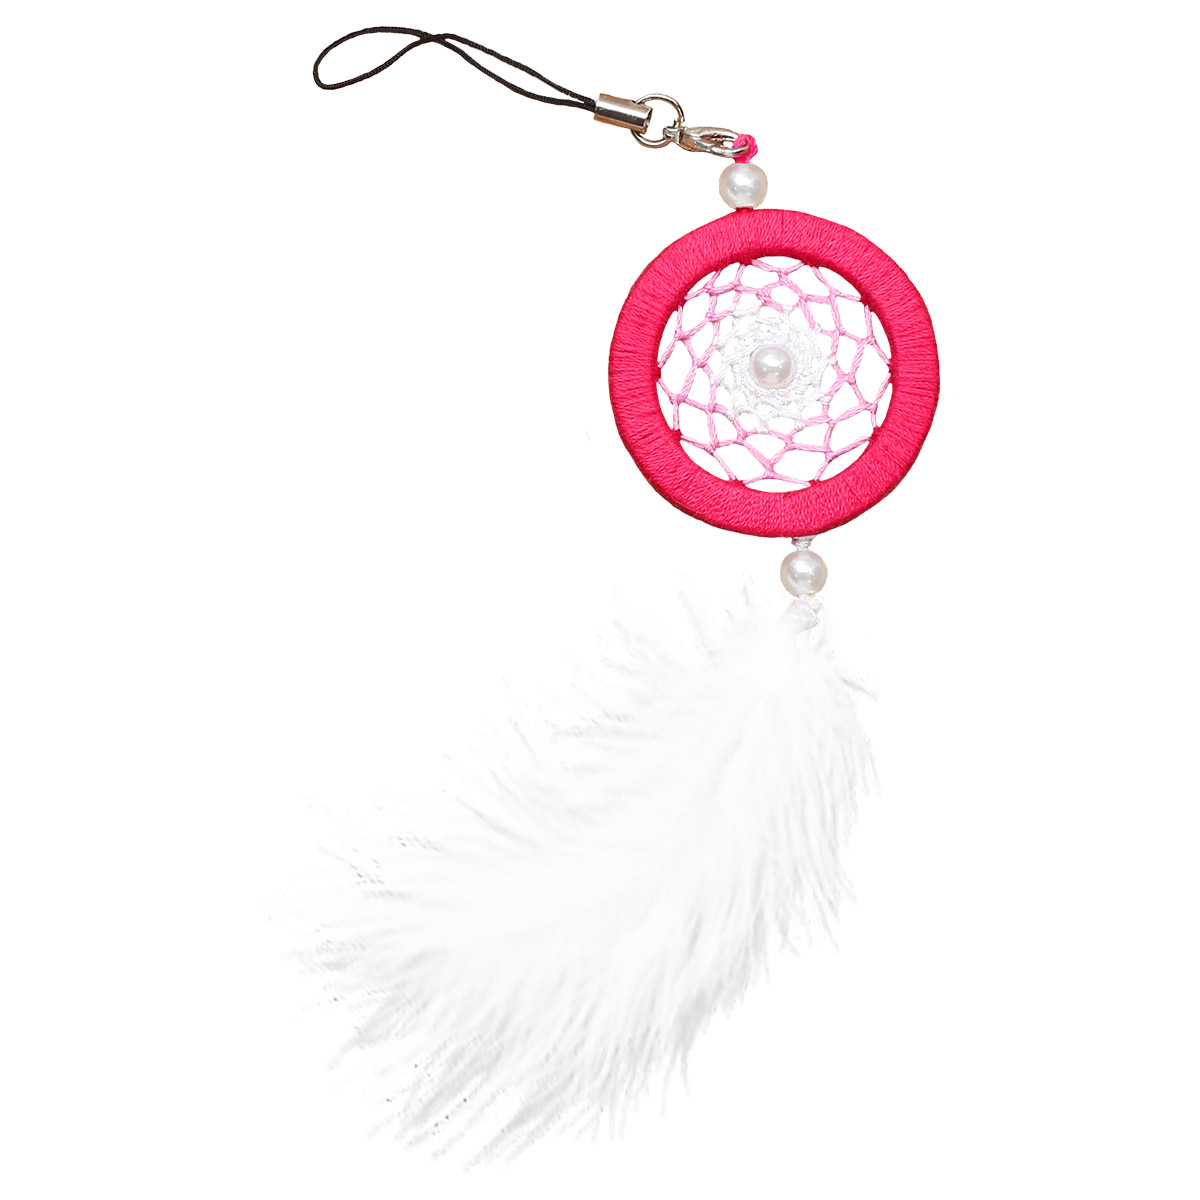 ЛС-13 Набор для творчества Созвездие 'Розовый топаз'(ловец снов) 4х12 см